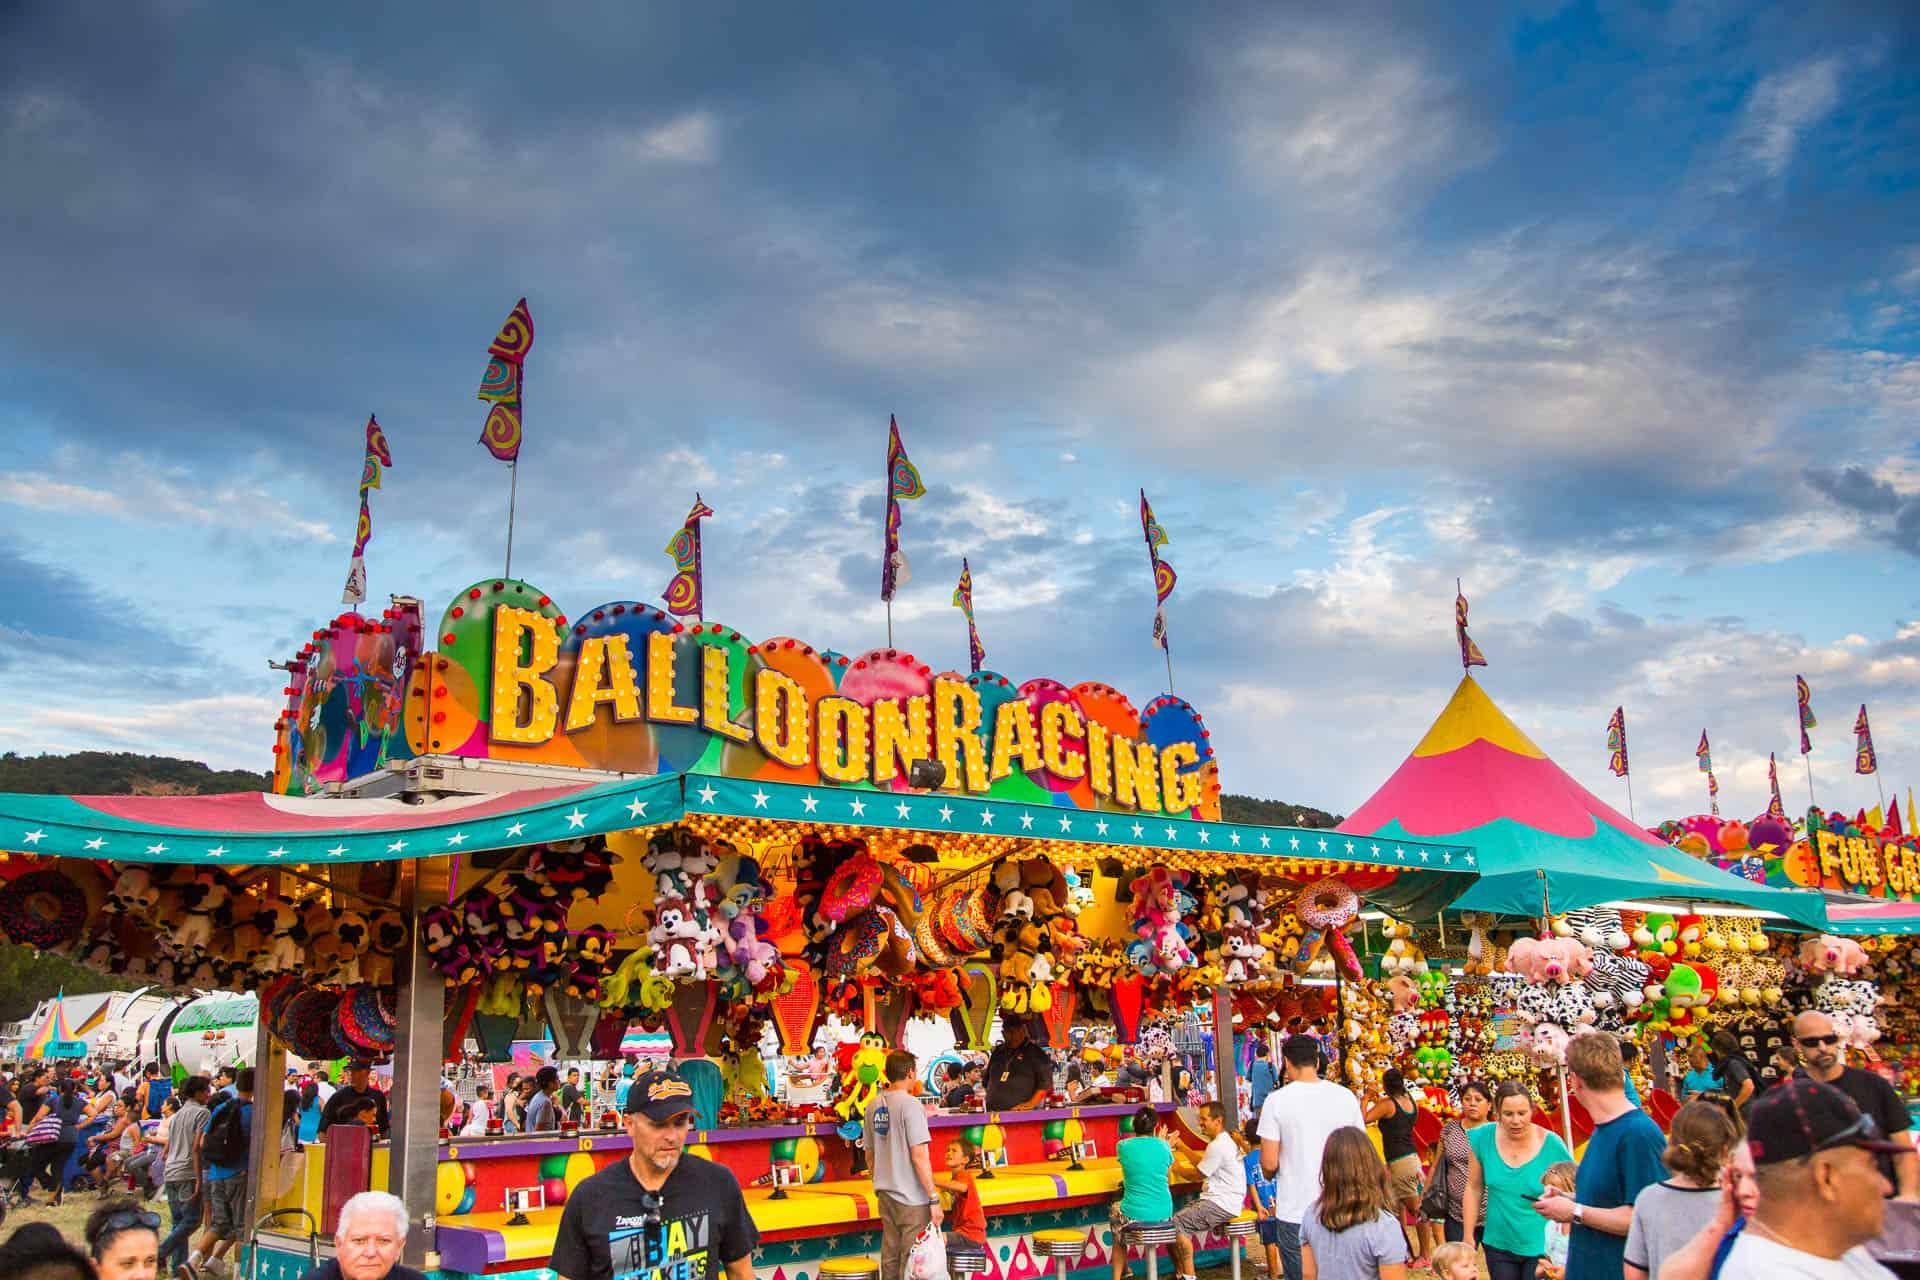 Balloon Racing